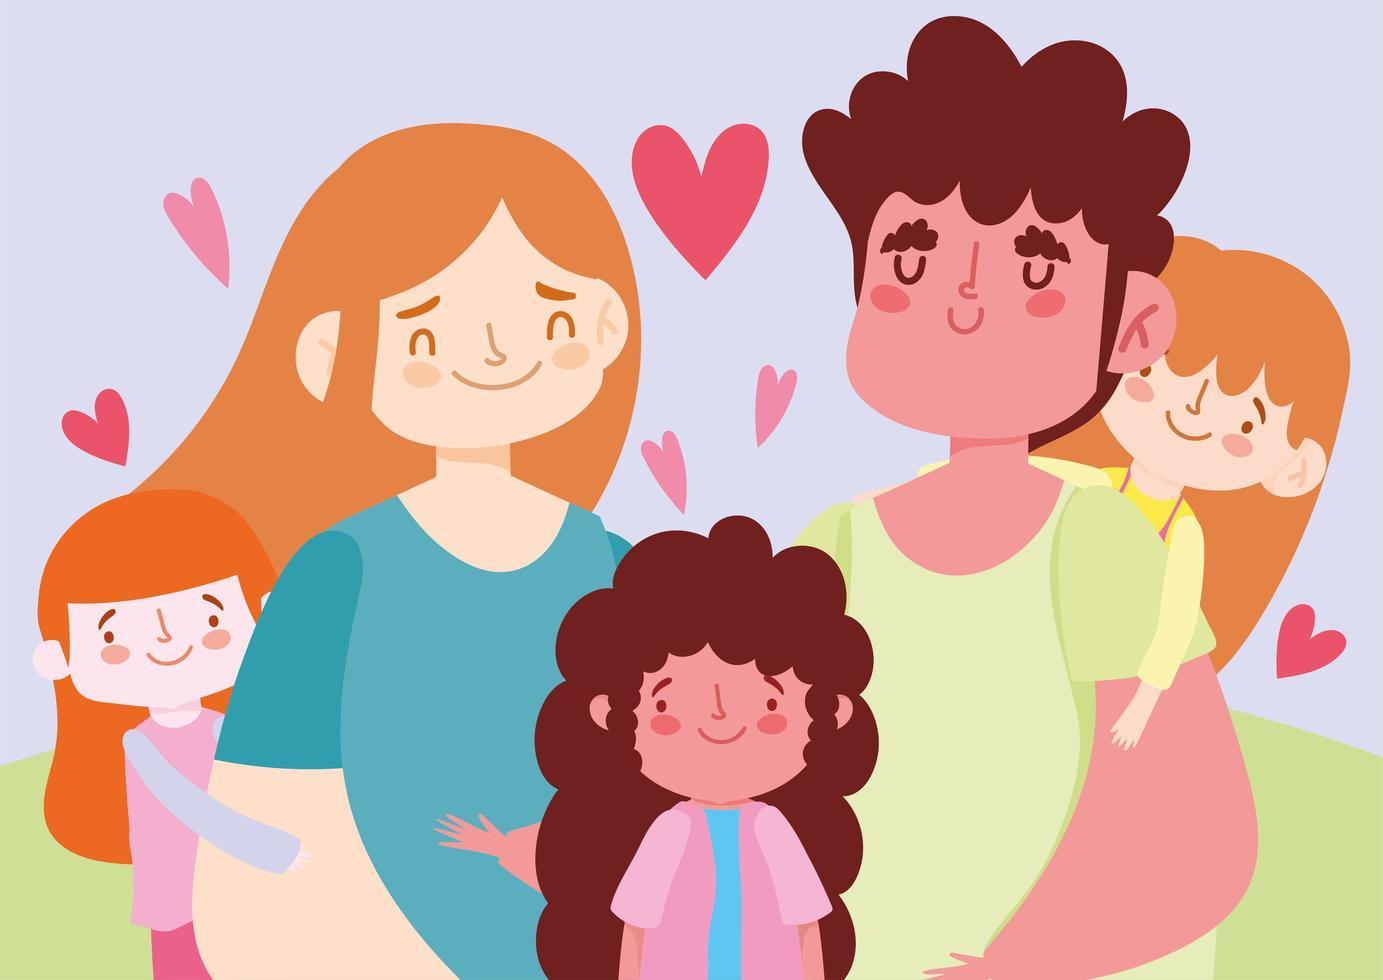 madre padre e hijas con corazones vector